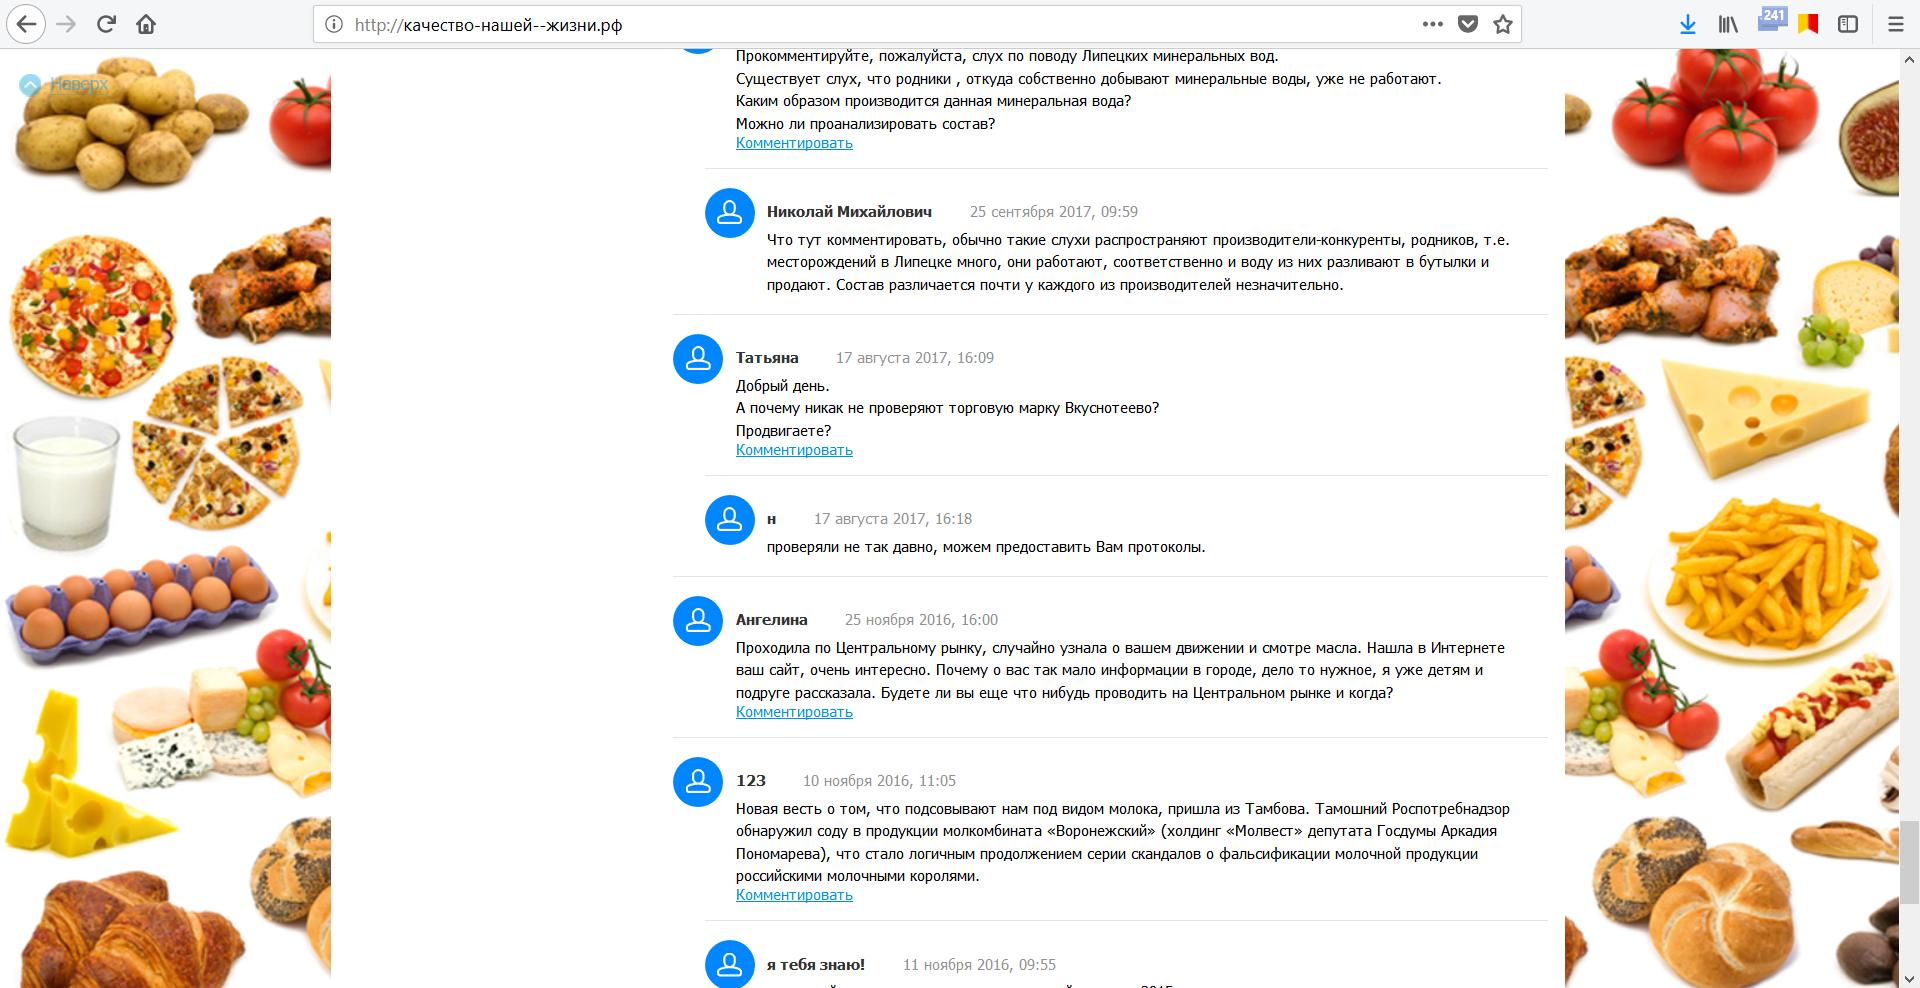 «По-свойски»: Чьи интересы отстаивает воронежское общественное движение «Качество нашей жизни»?